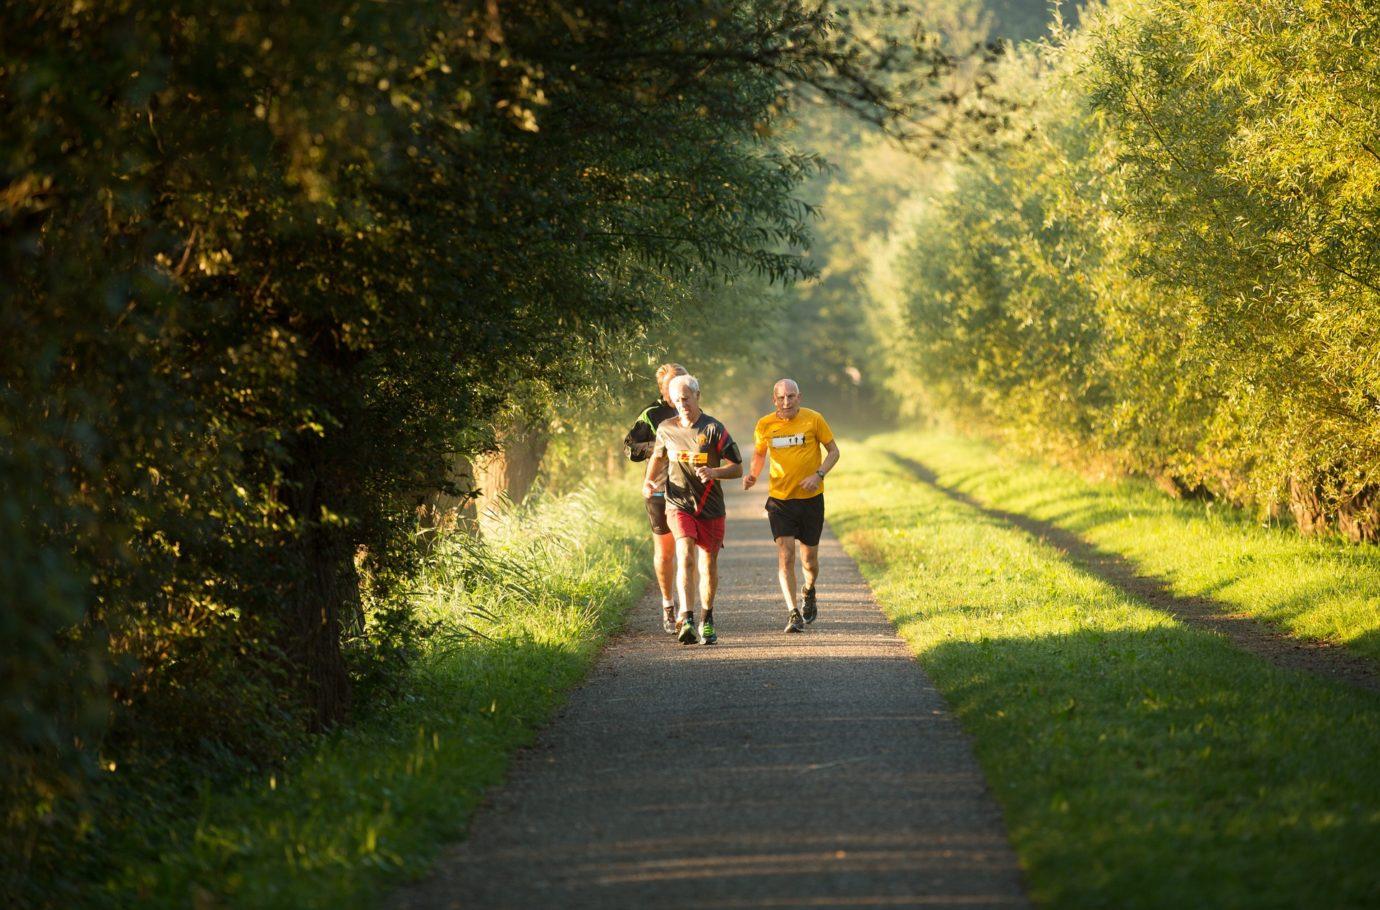 senior running